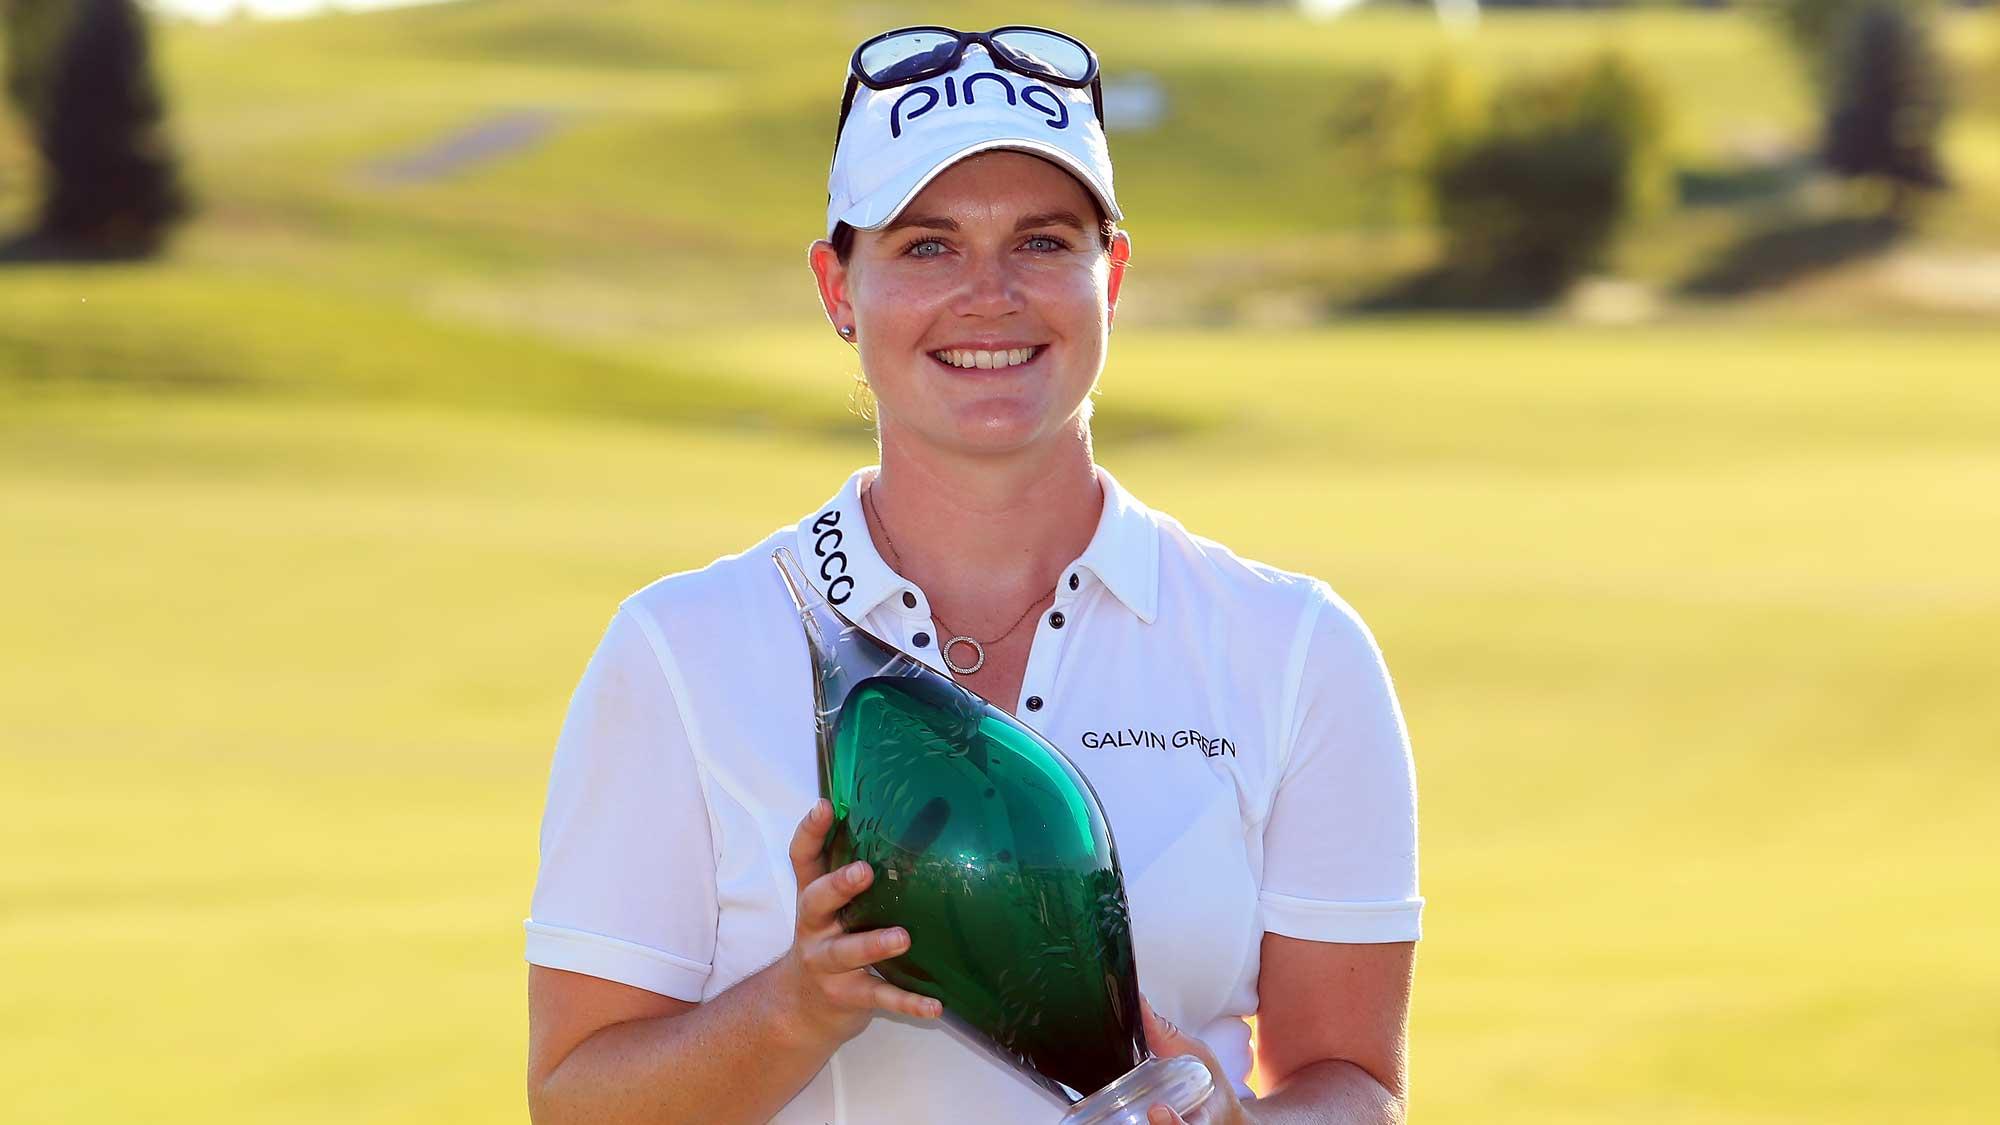 Caroline Masson, Caroline Masson – ihr erster Sieg auf der LPGA Tour, Golfsport.News